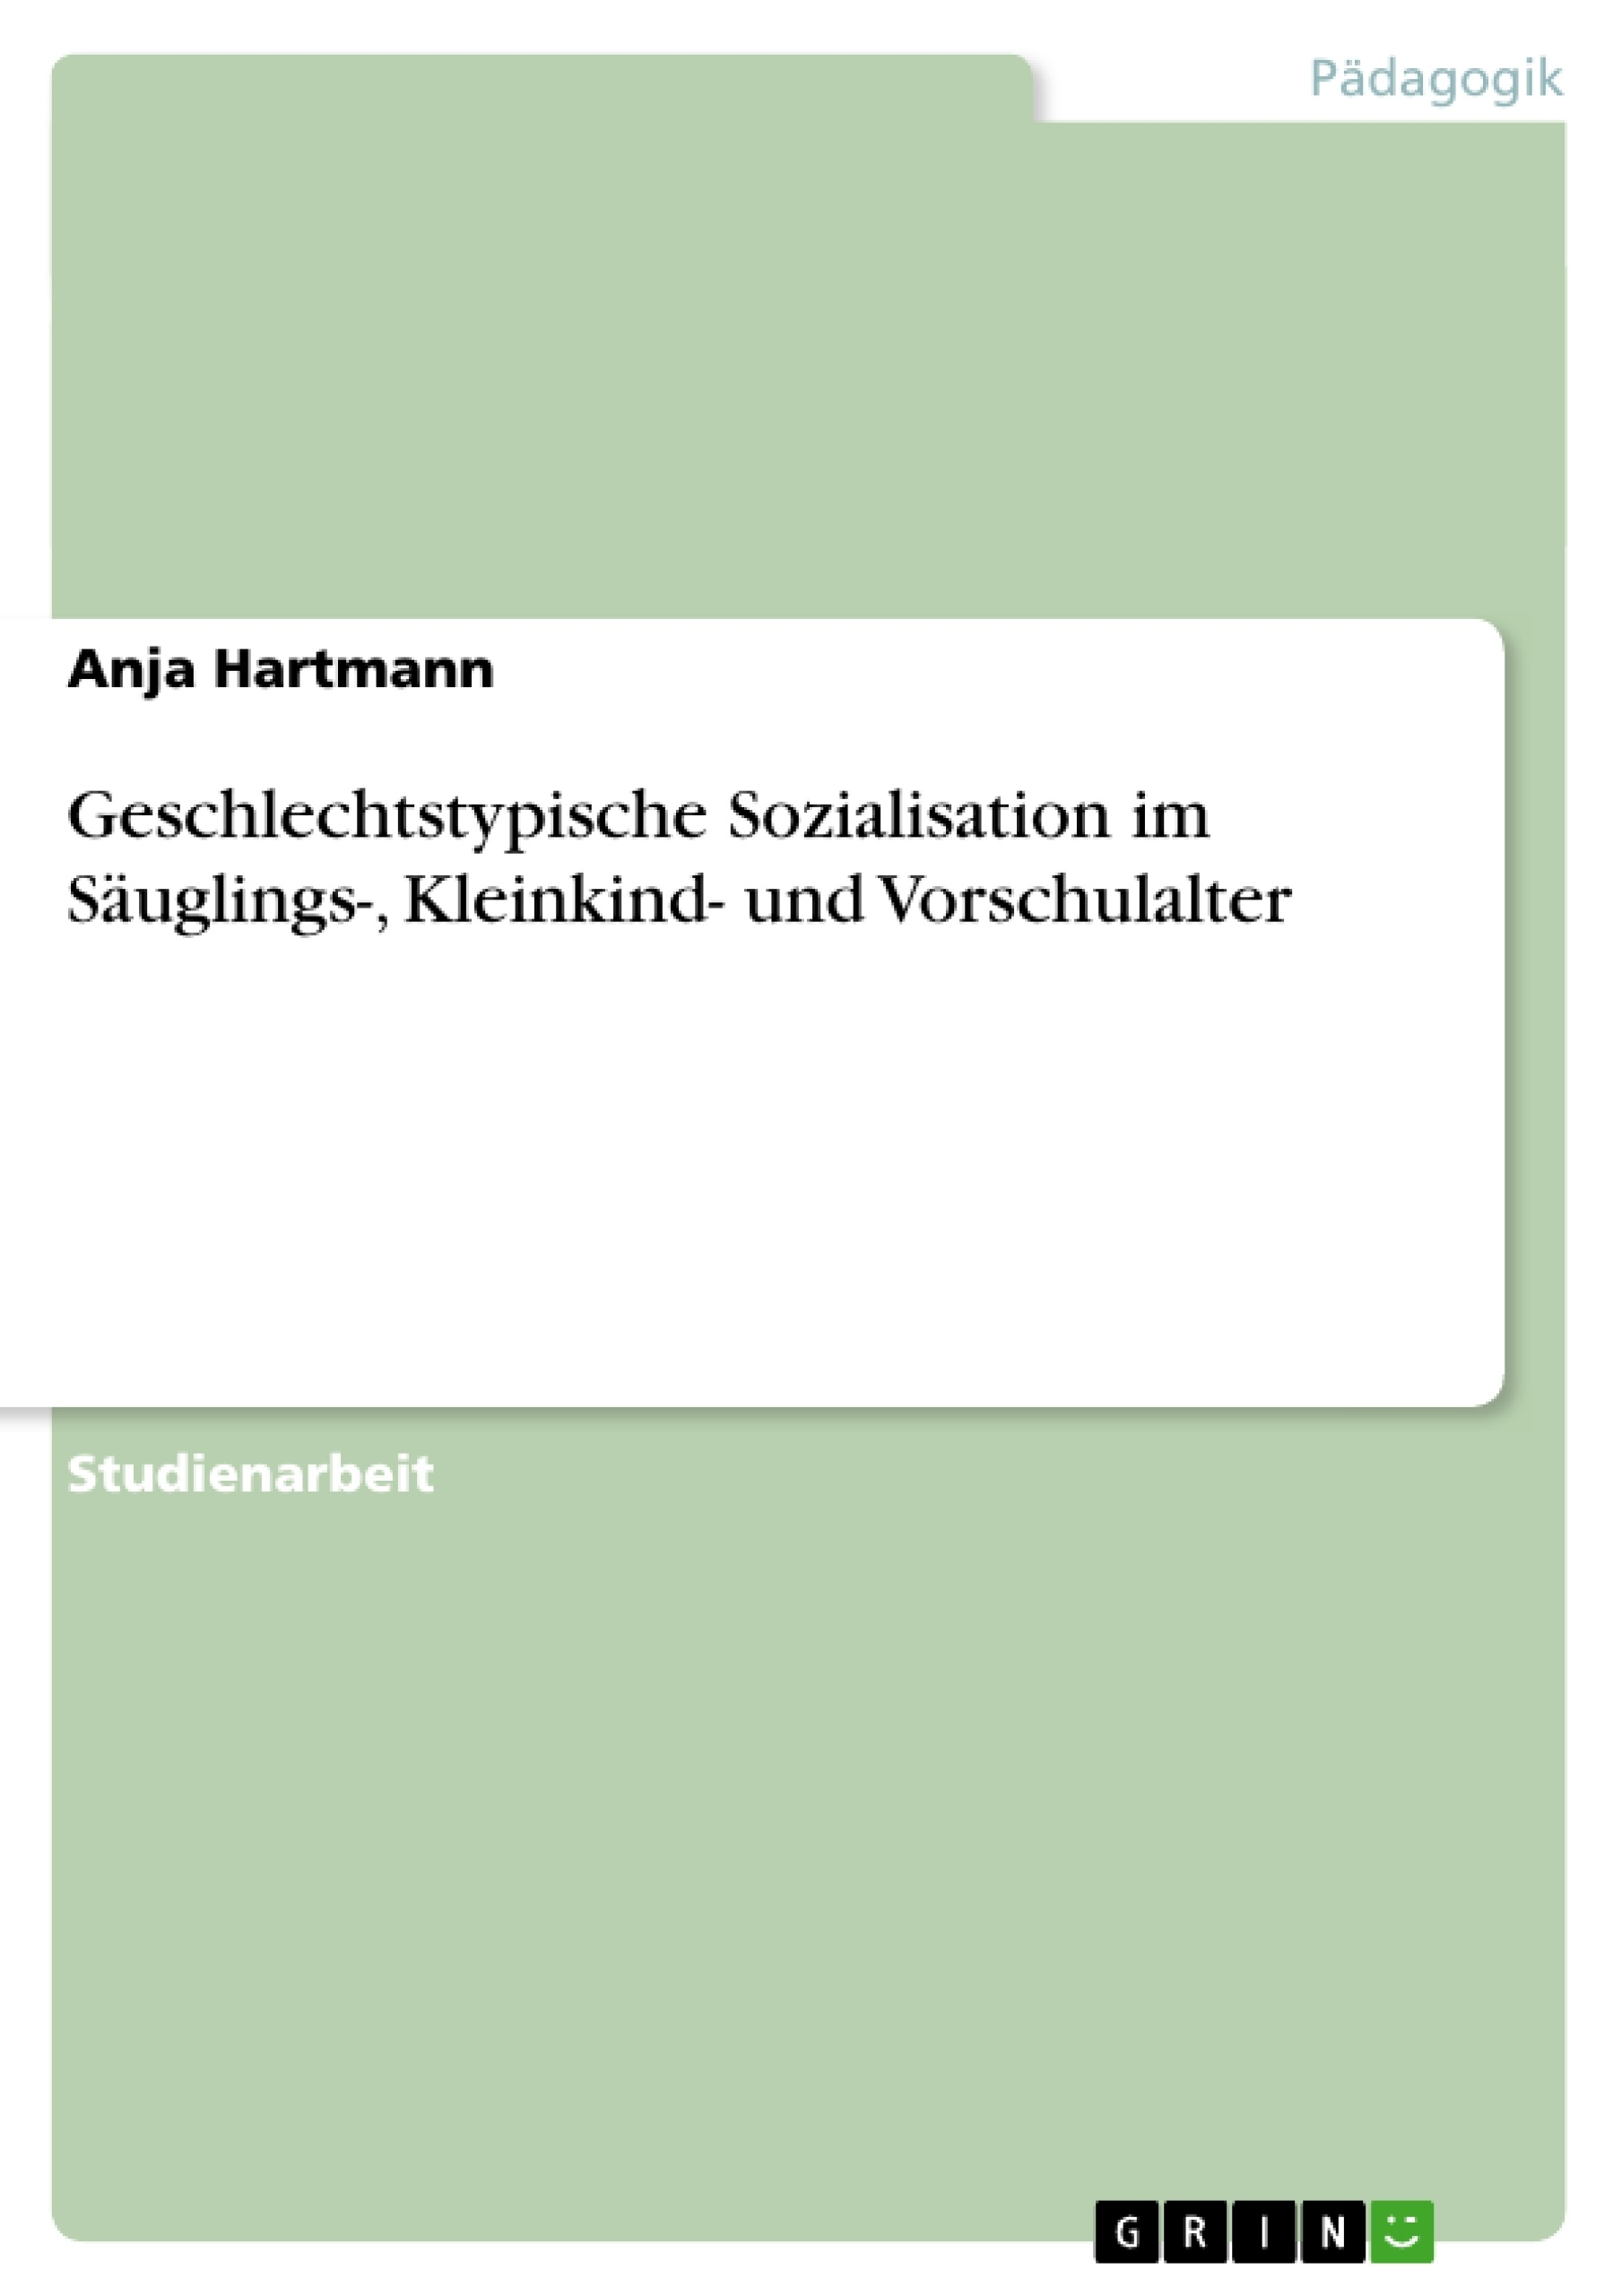 Titel: Geschlechtstypische Sozialisation im Säuglings-, Kleinkind- und Vorschulalter